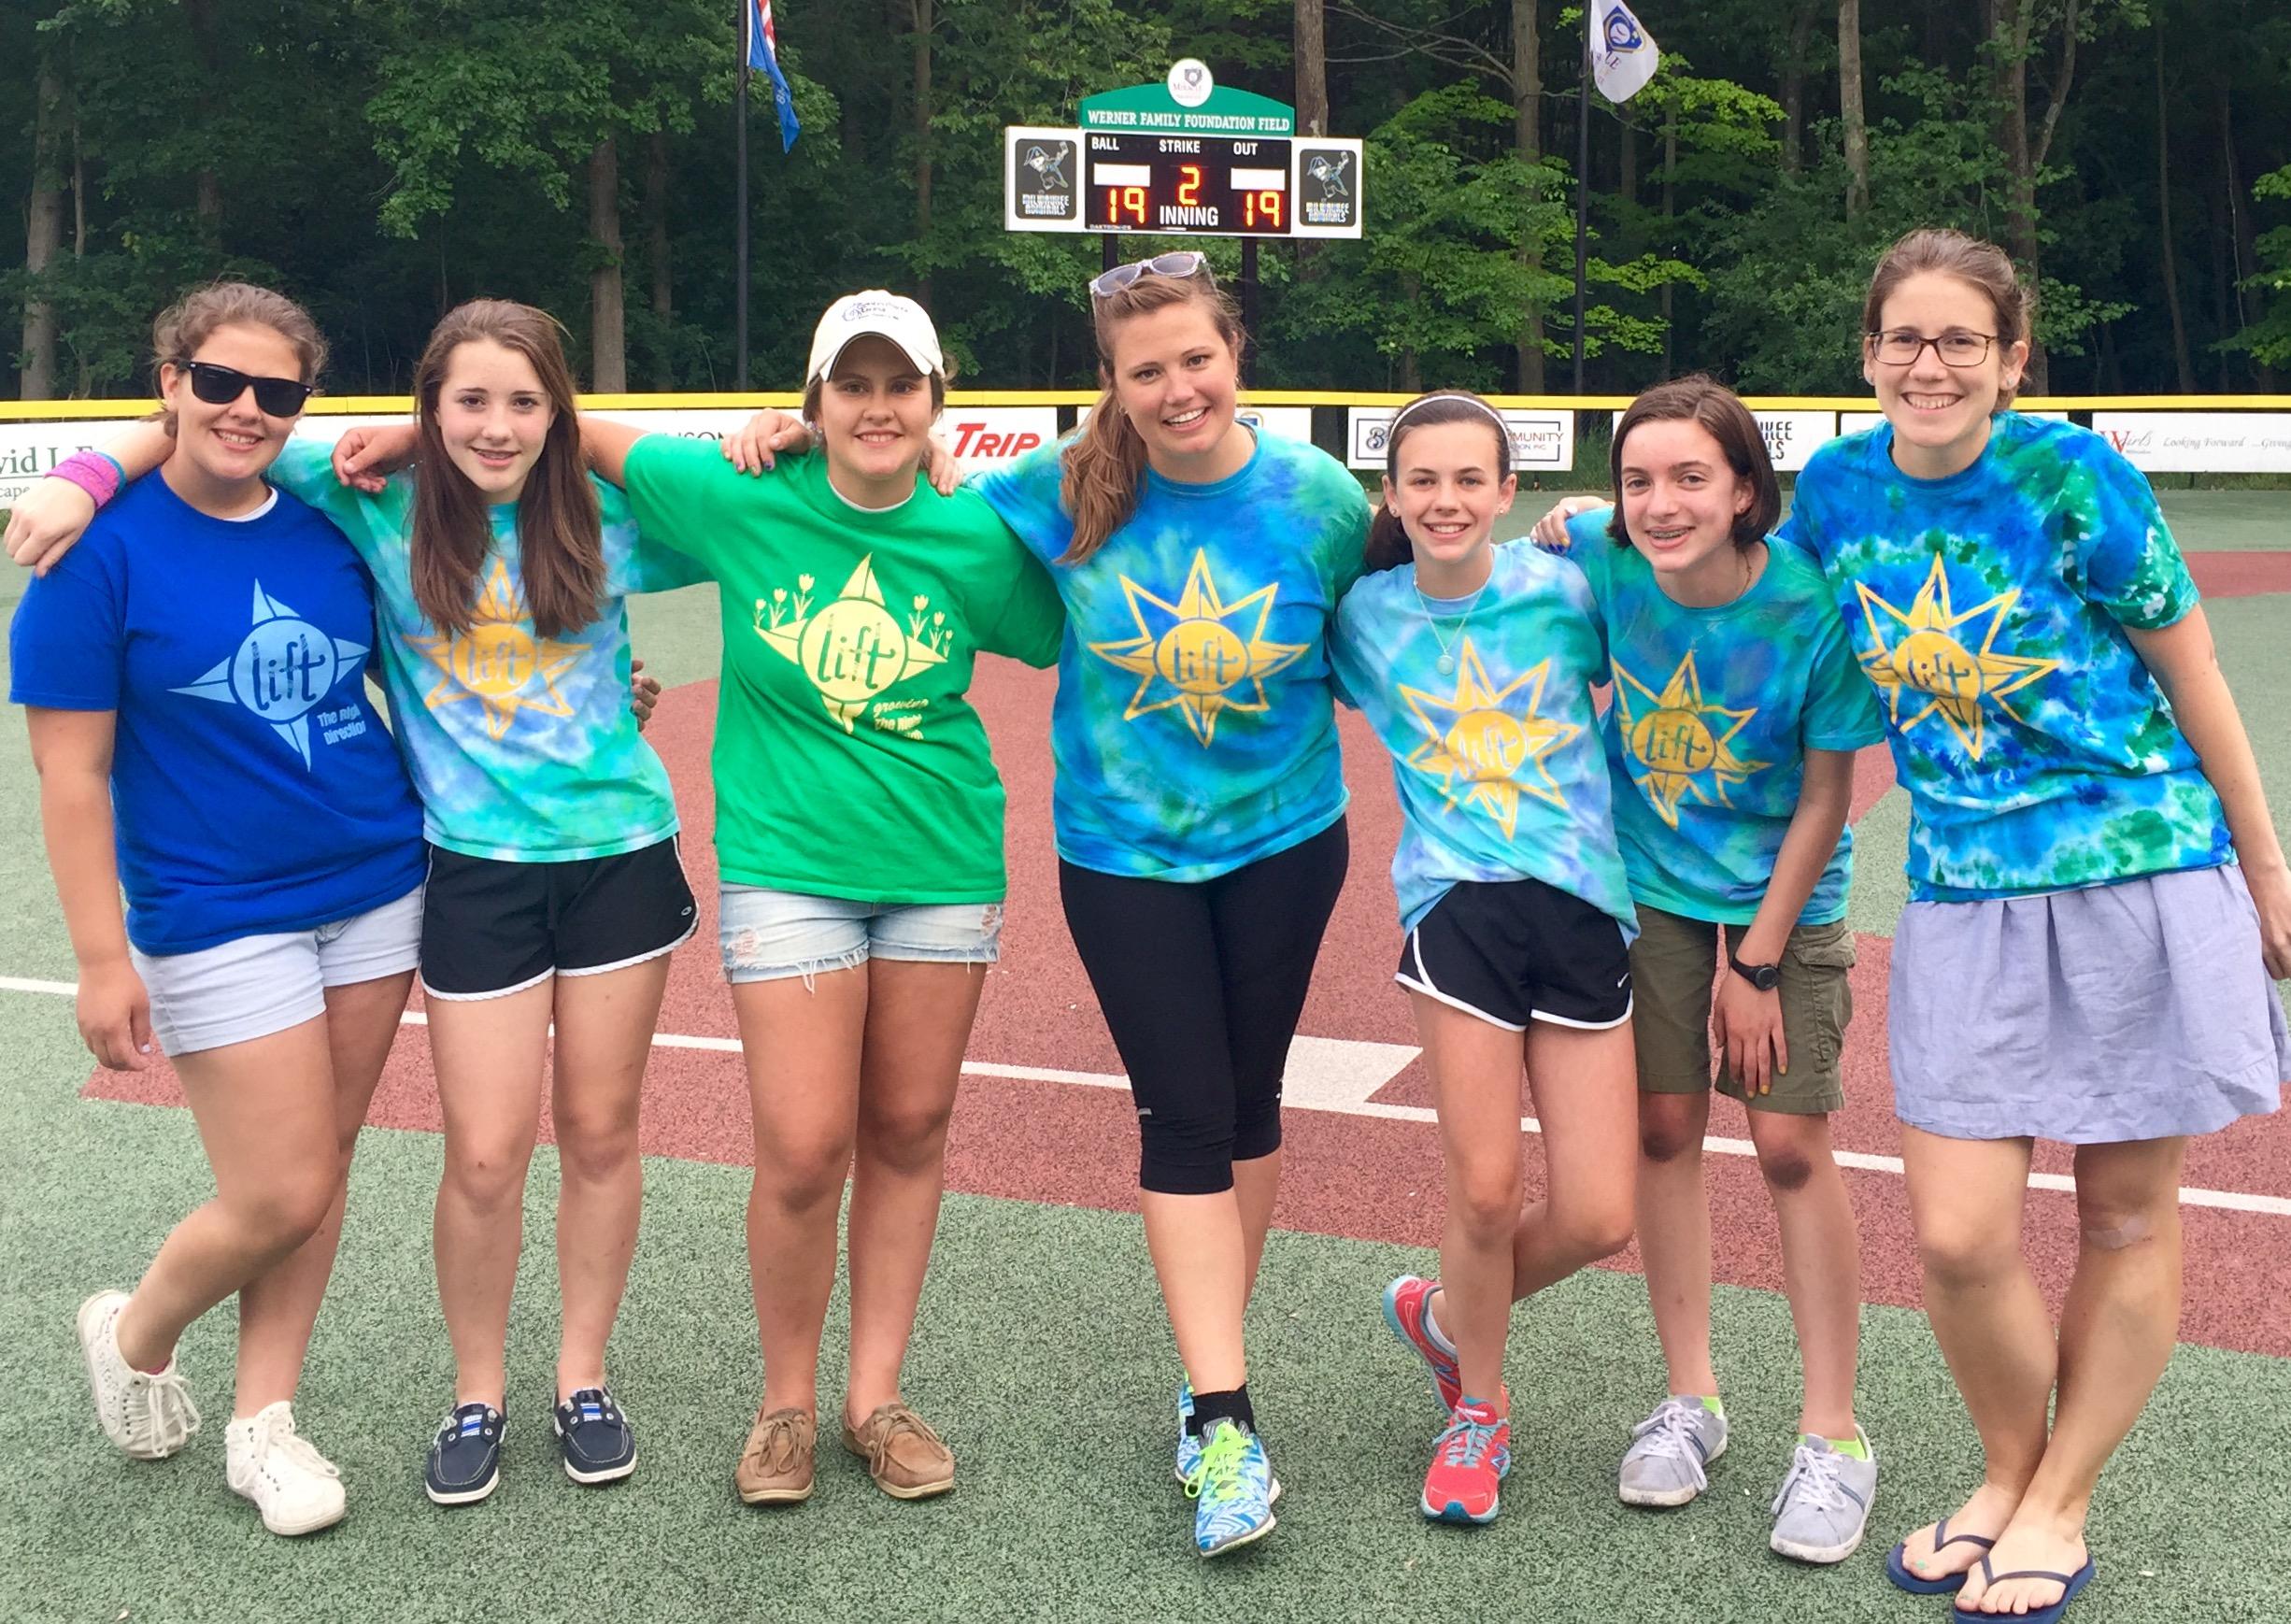 Miracle League volunteering